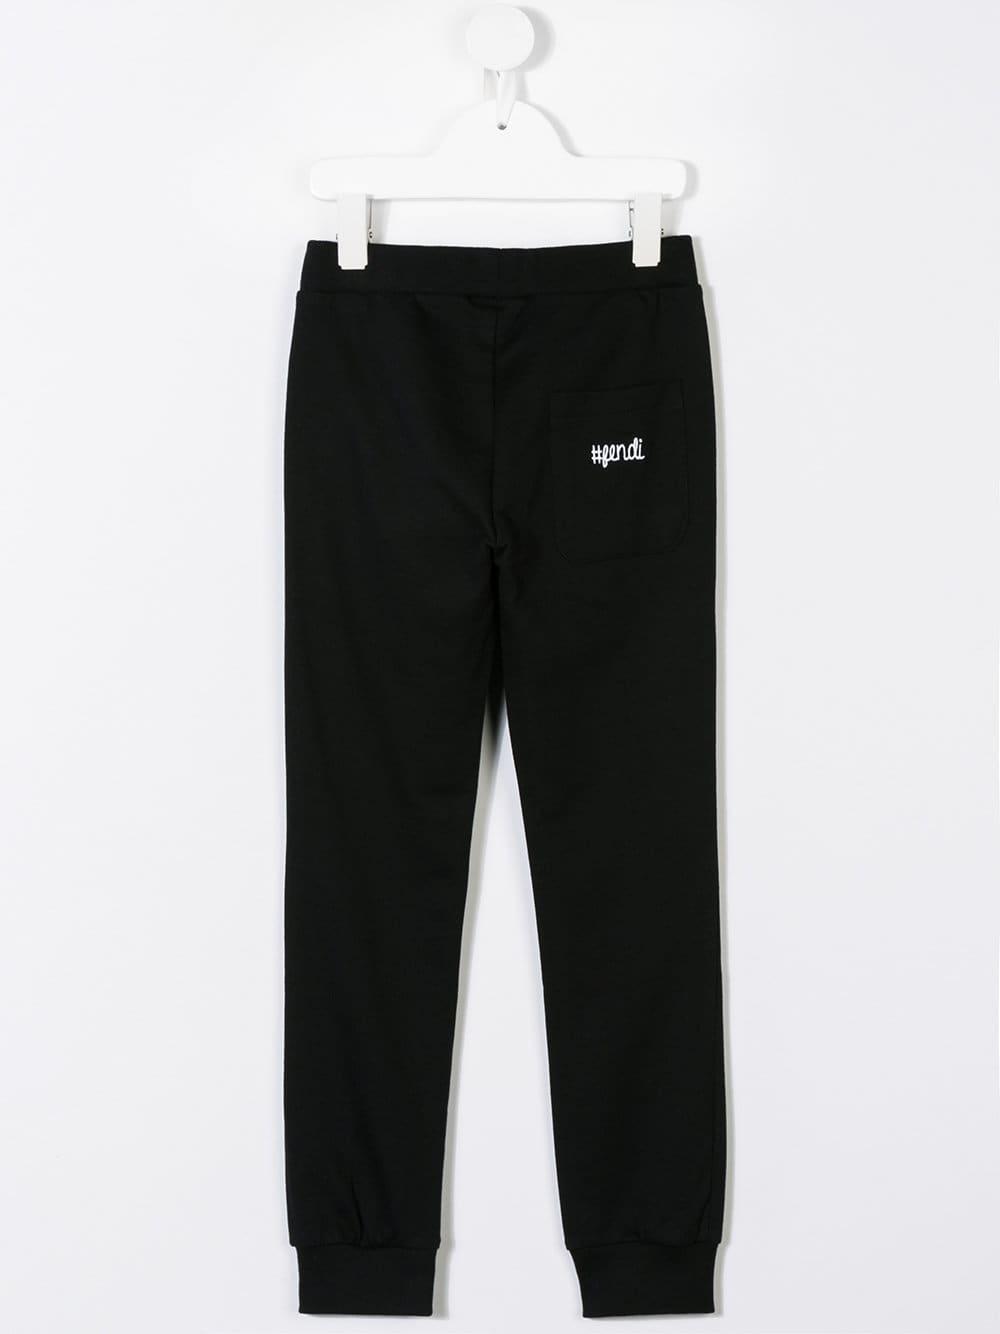 Pantalones cortos y Bermudas - Ropa deportiva  cfdca8d59969